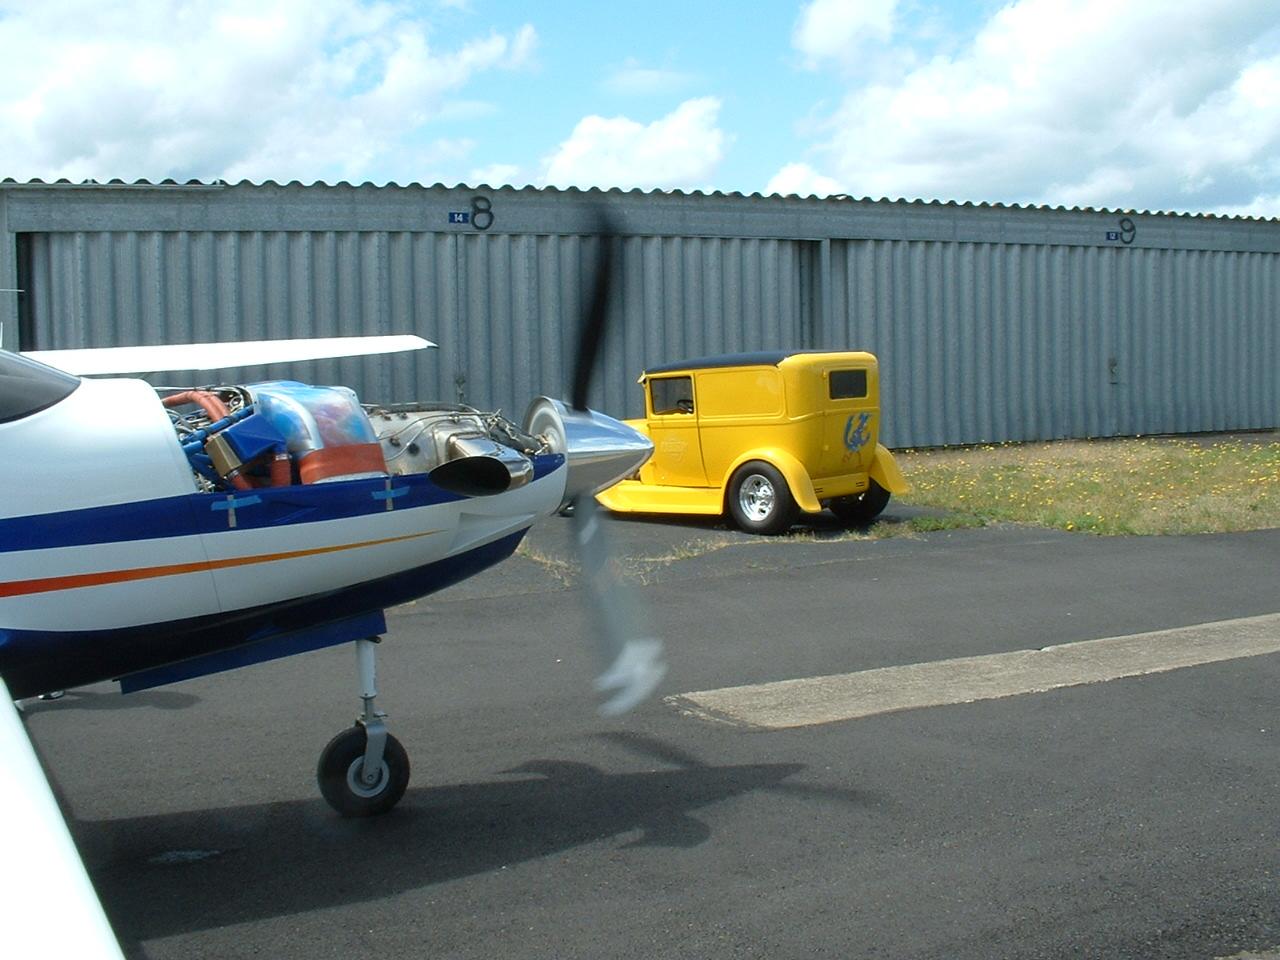 New Plane 3